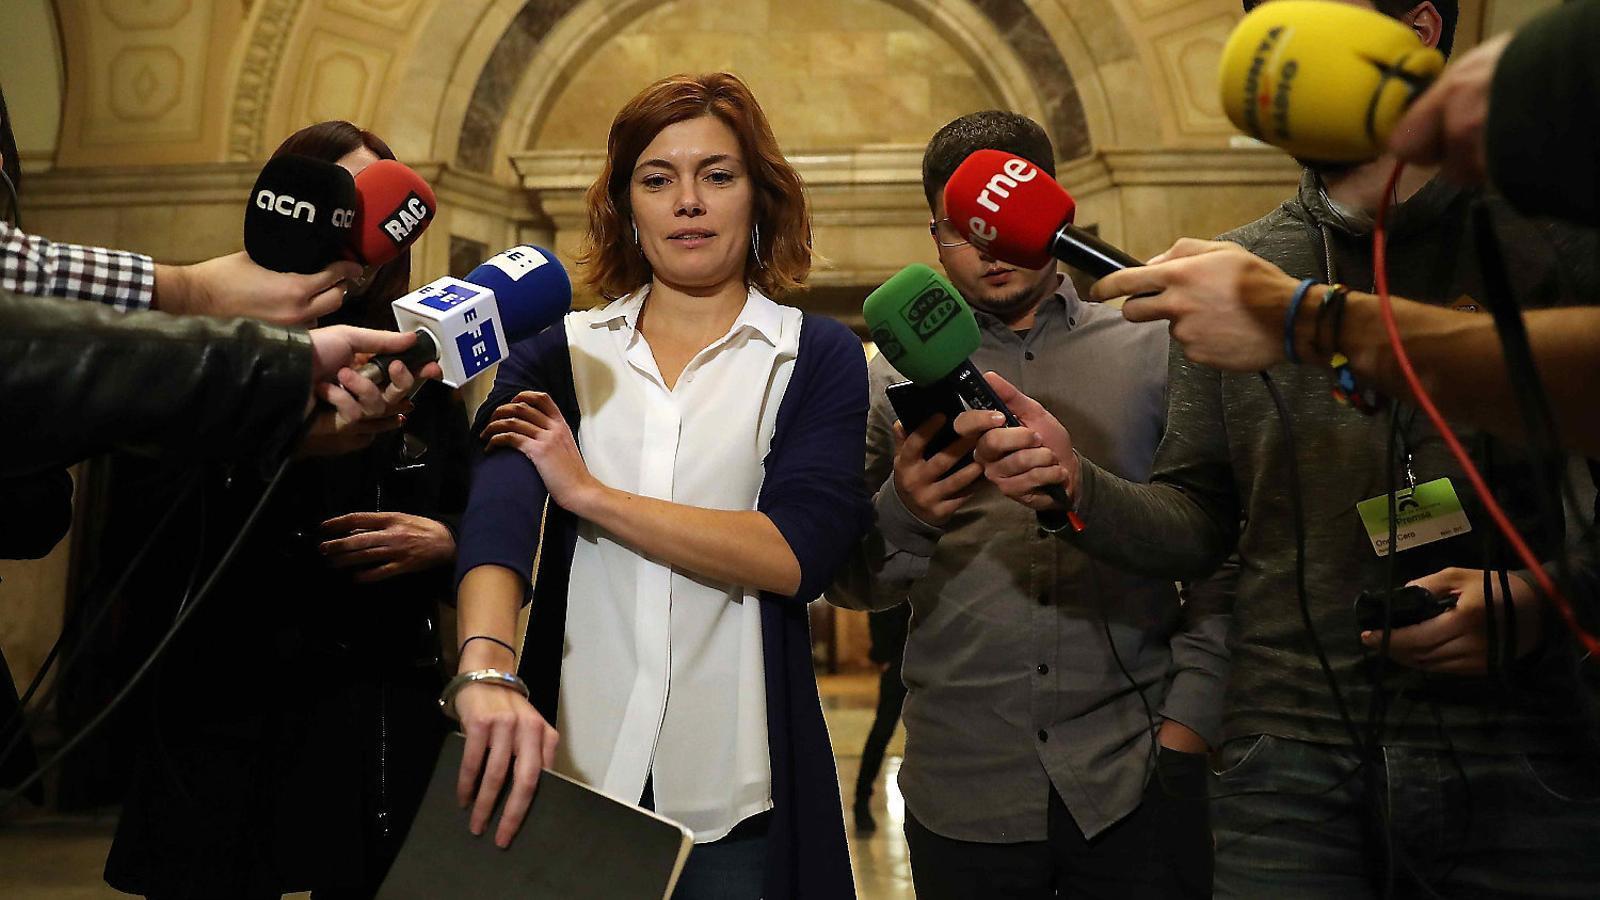 La portaveu de Catalunya en Comú Podem, Elisenda Alamany, atenent els mitjans al Parlament en una imatge d'arxiu. / T.ALBIR/EFE